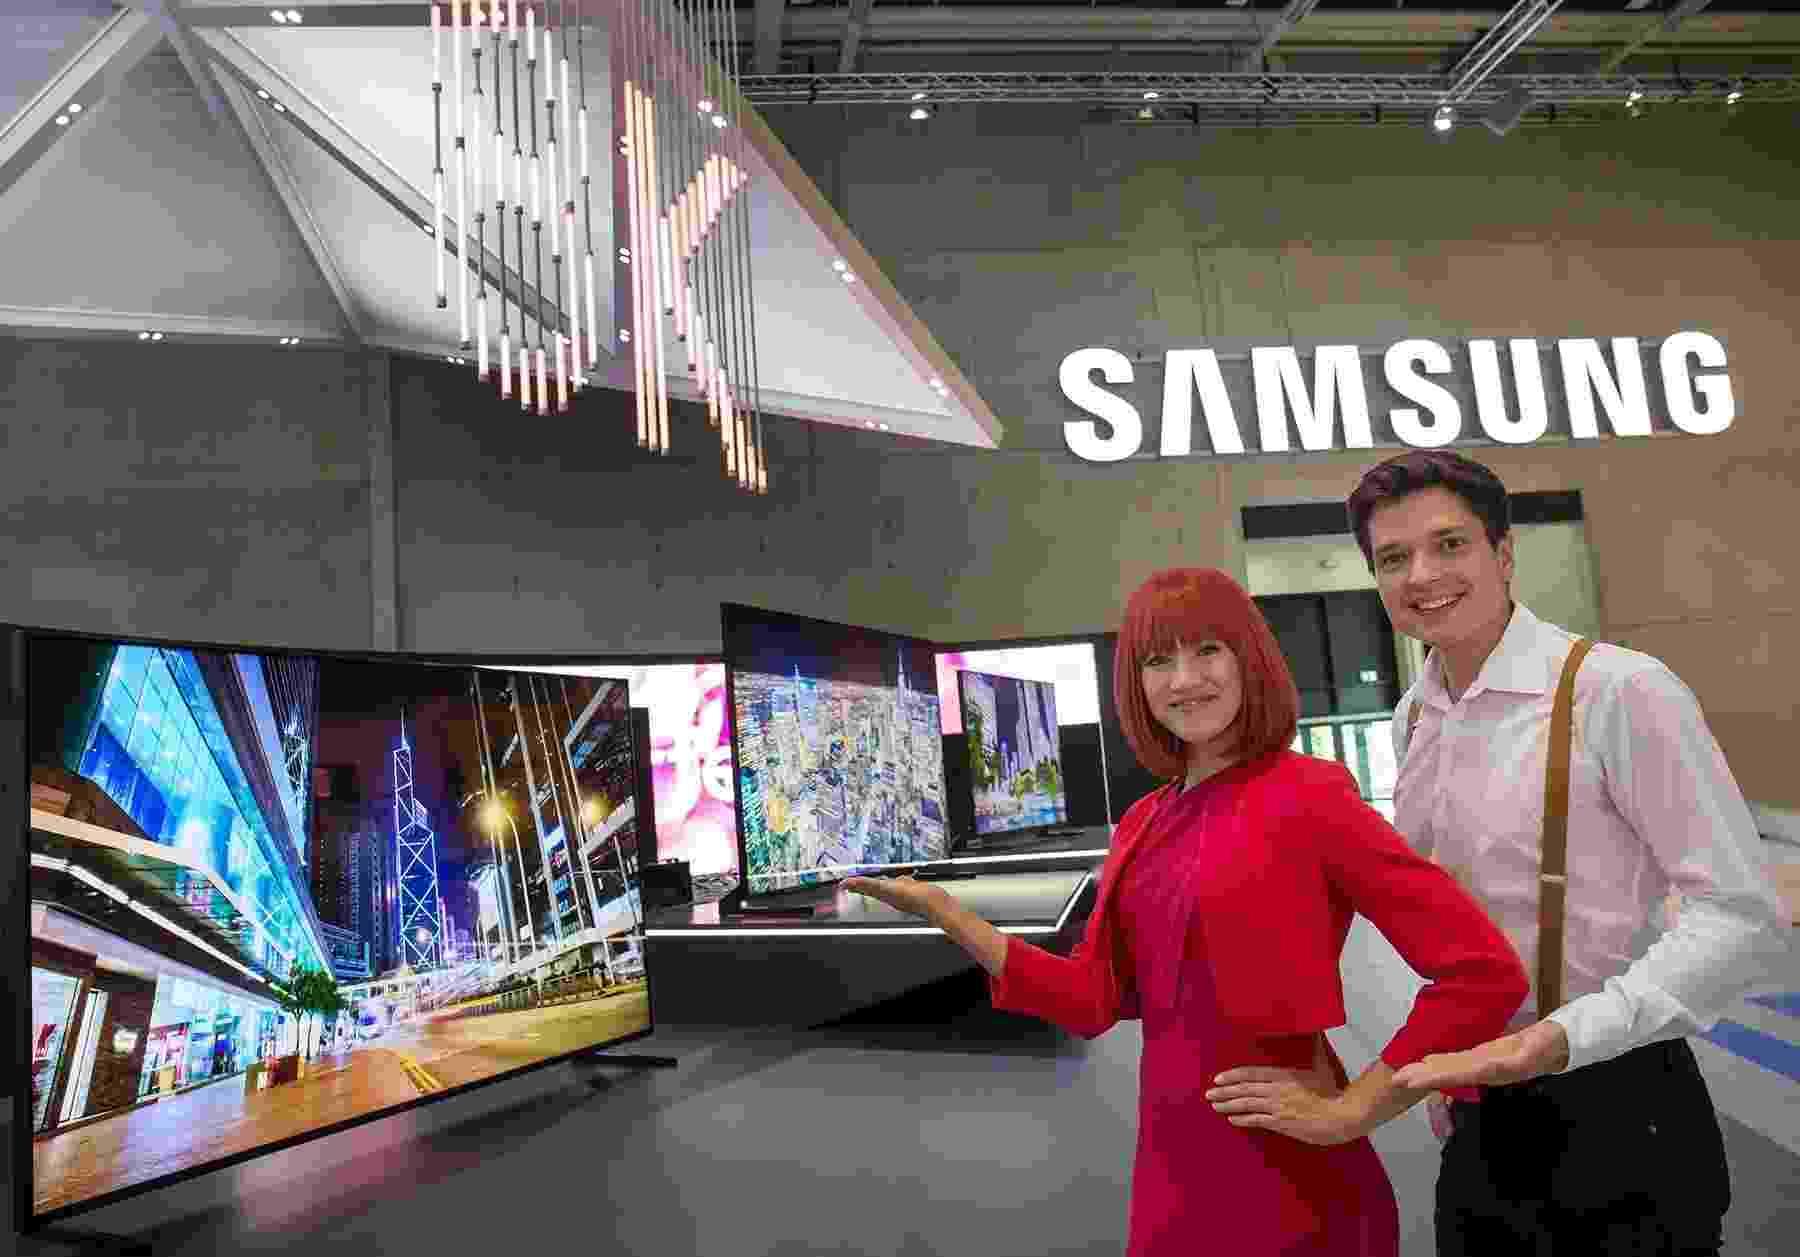 Nova TV da Samsung QLED 8K - Divulgação